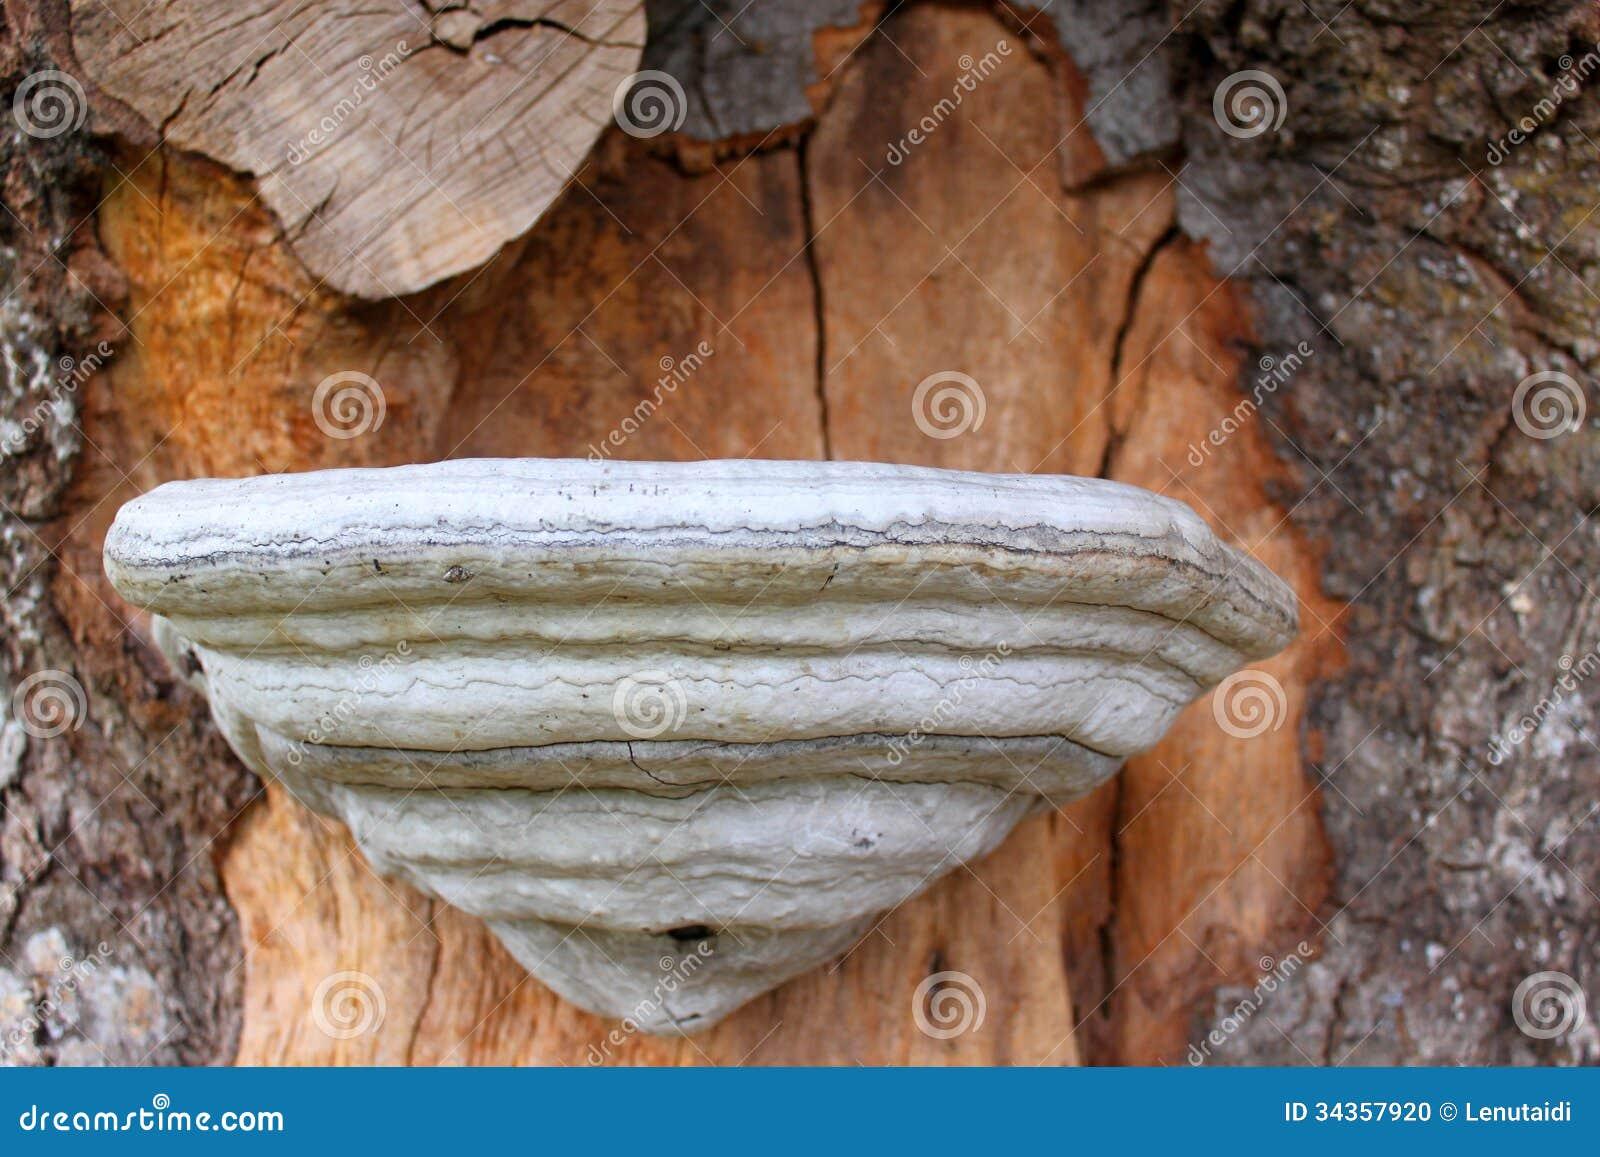 Champignon de mati re inflammable sur le tronc d 39 arbre photo stock image 34357920 - Champignon sur tronc d arbre ...